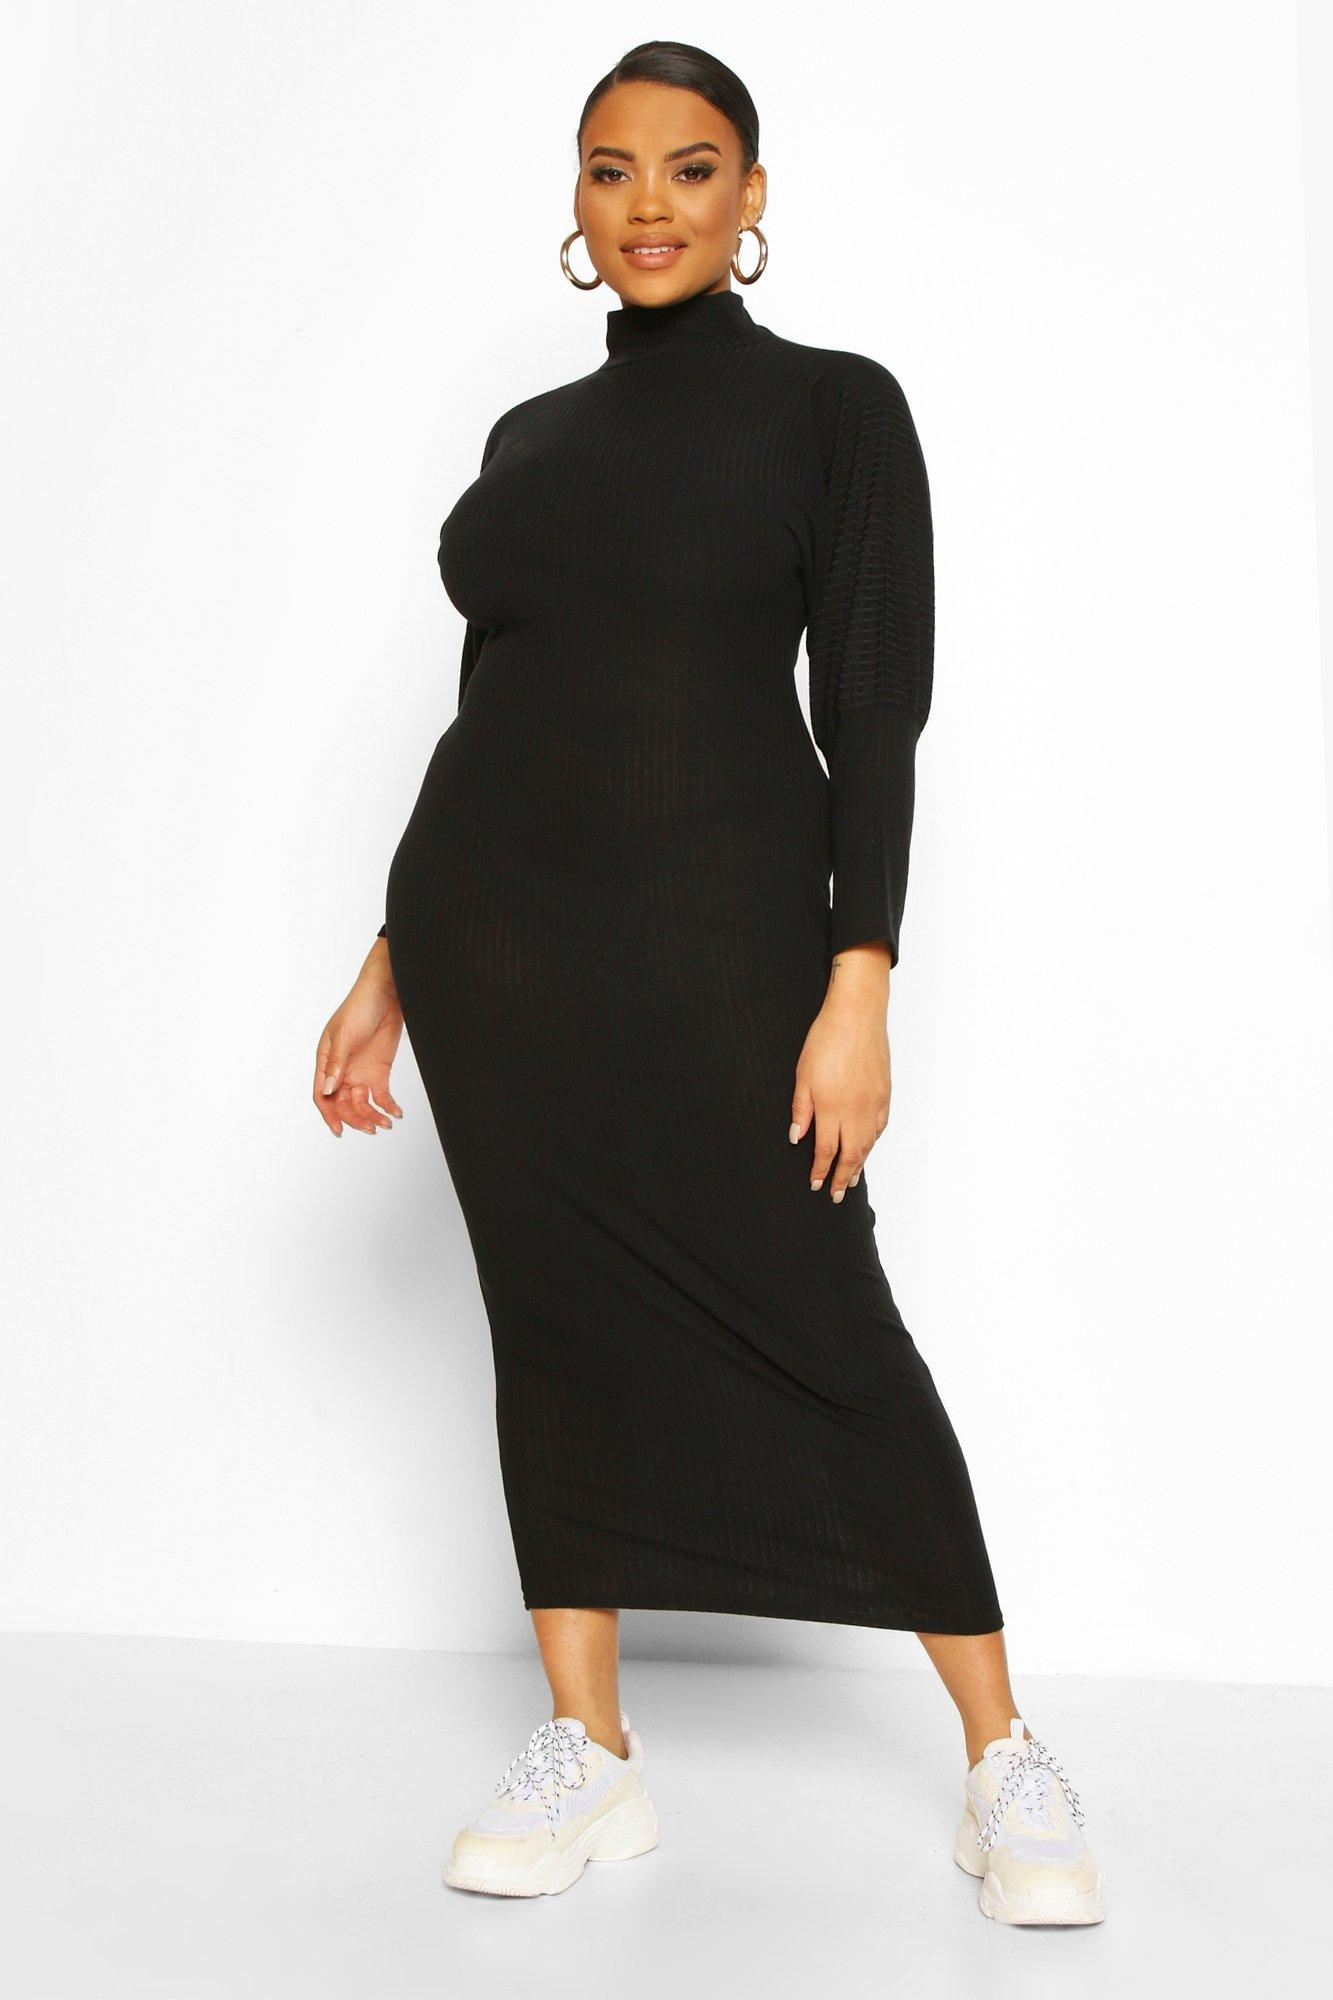 Plus Oversized T-Shirt Knitted Tassel Dress 7